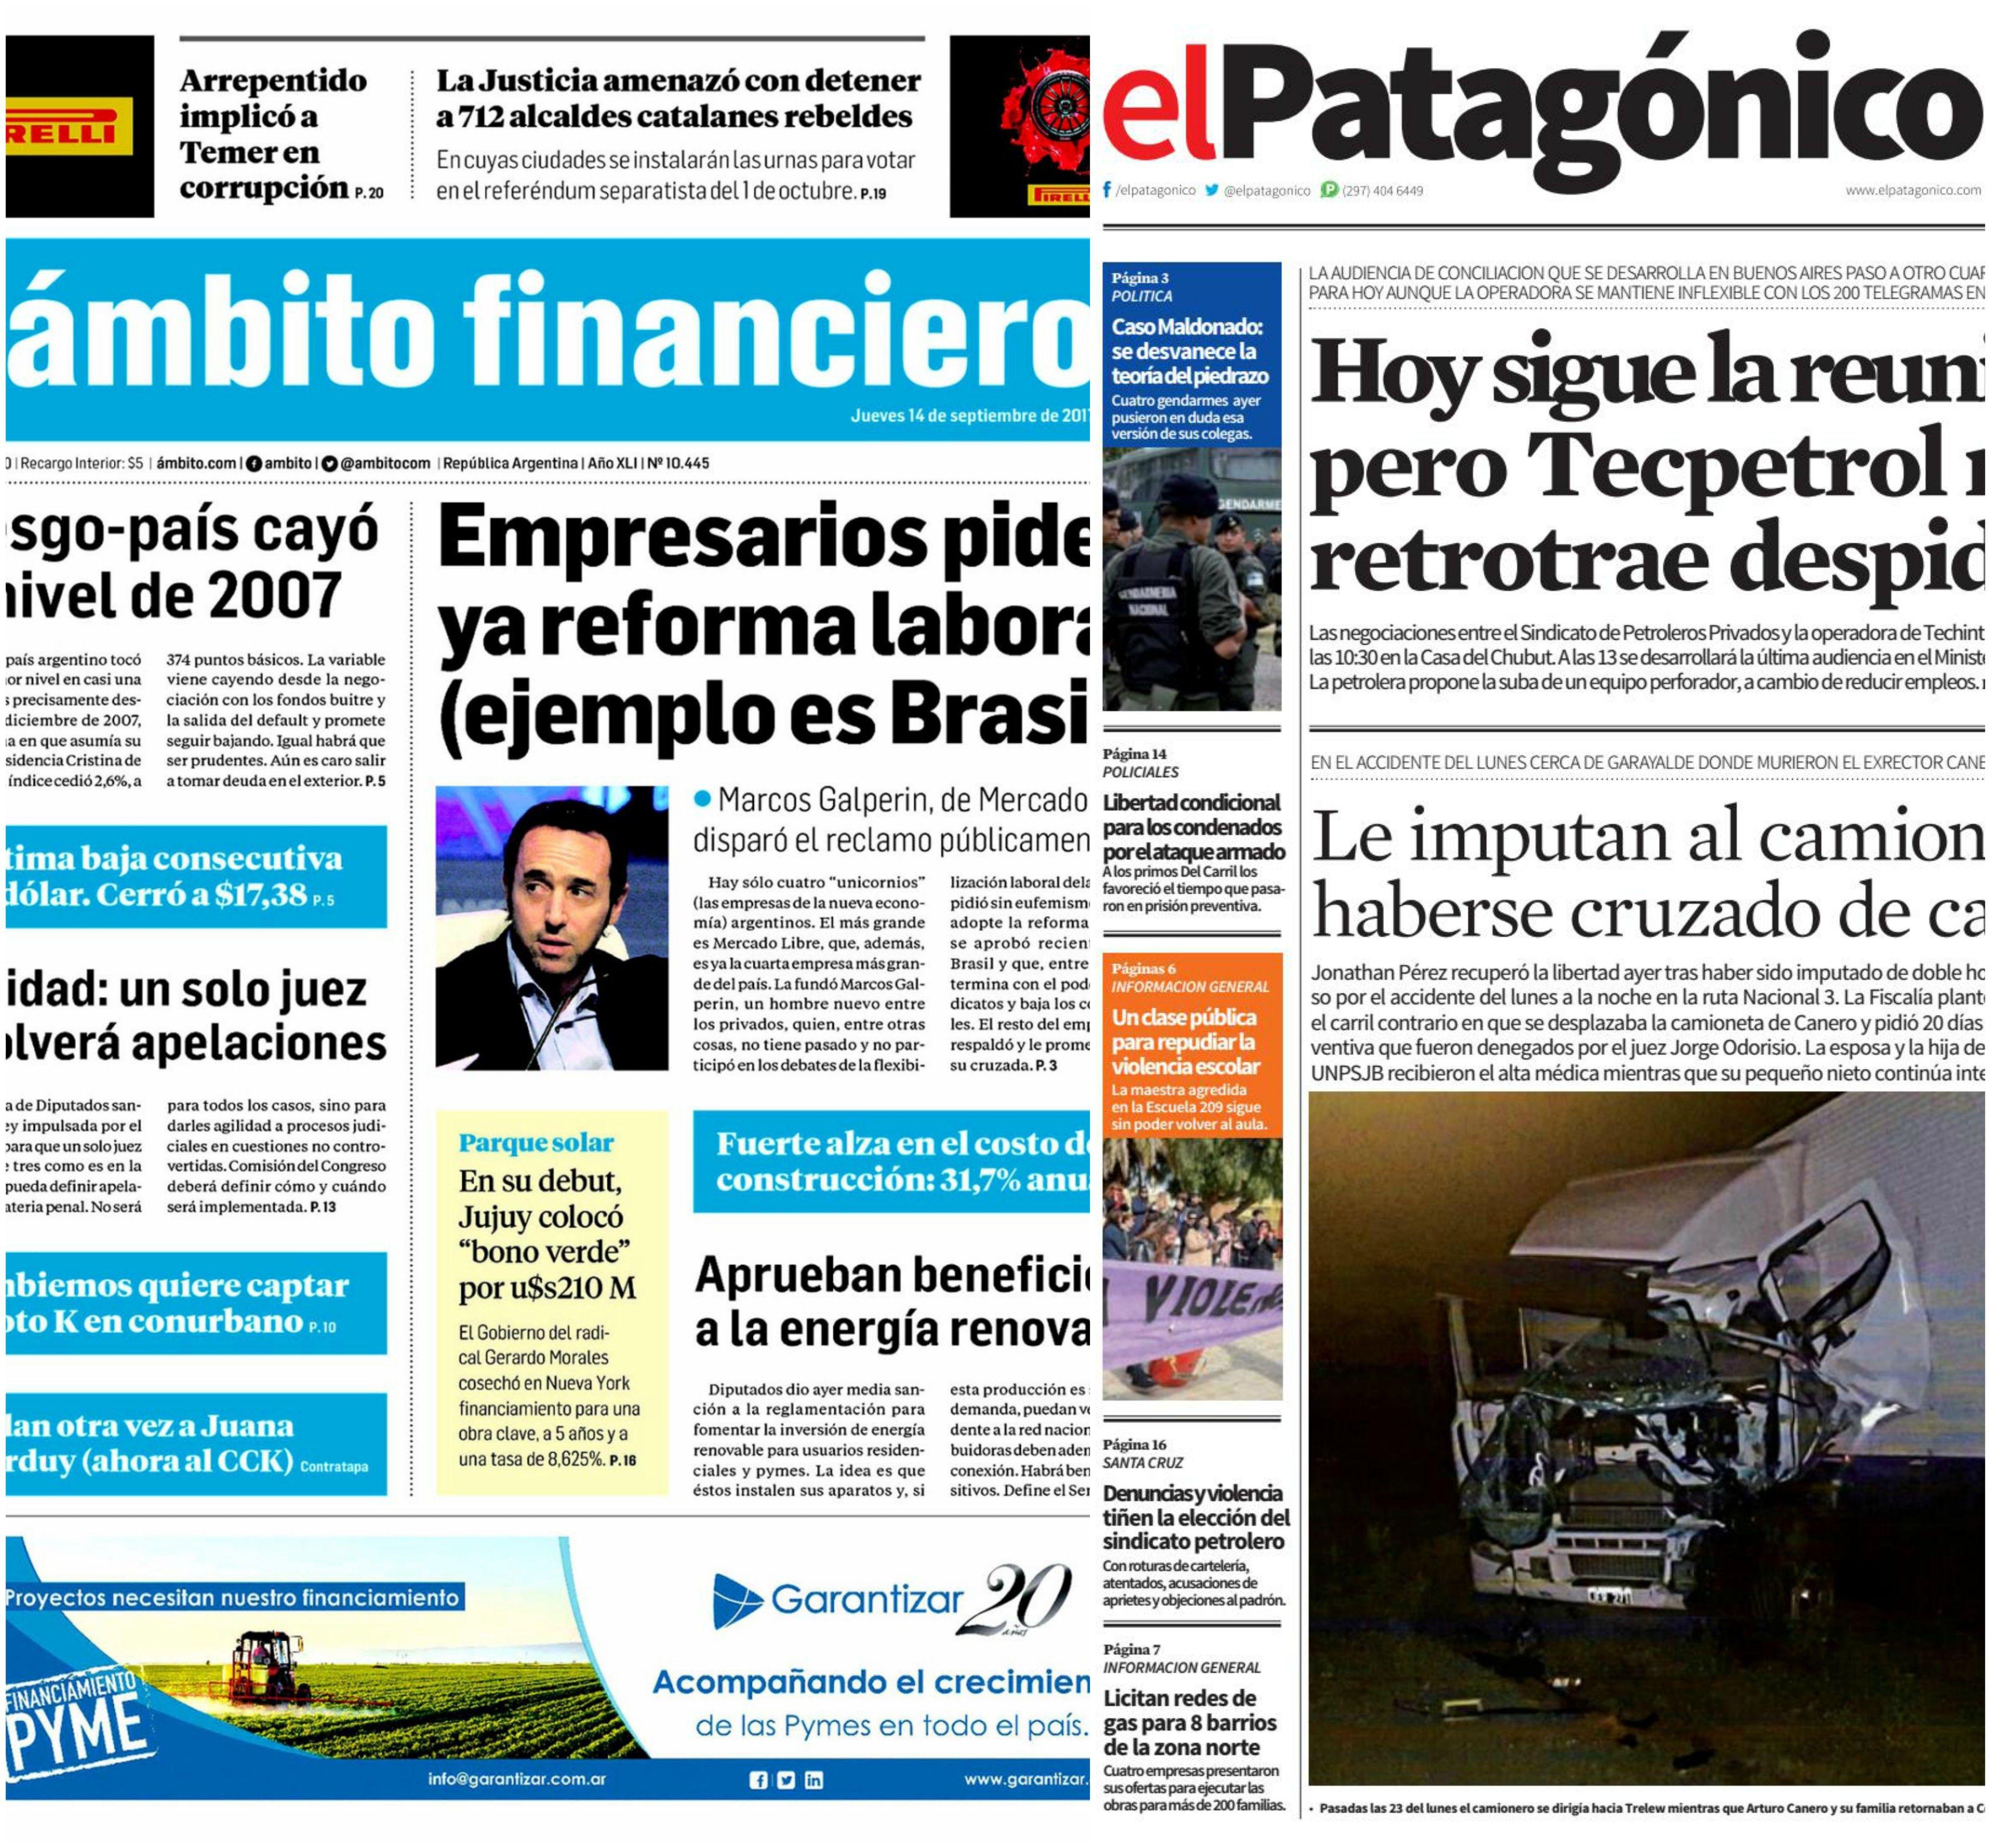 Tapas de diarios del jueves 14 de septiembre de 2017